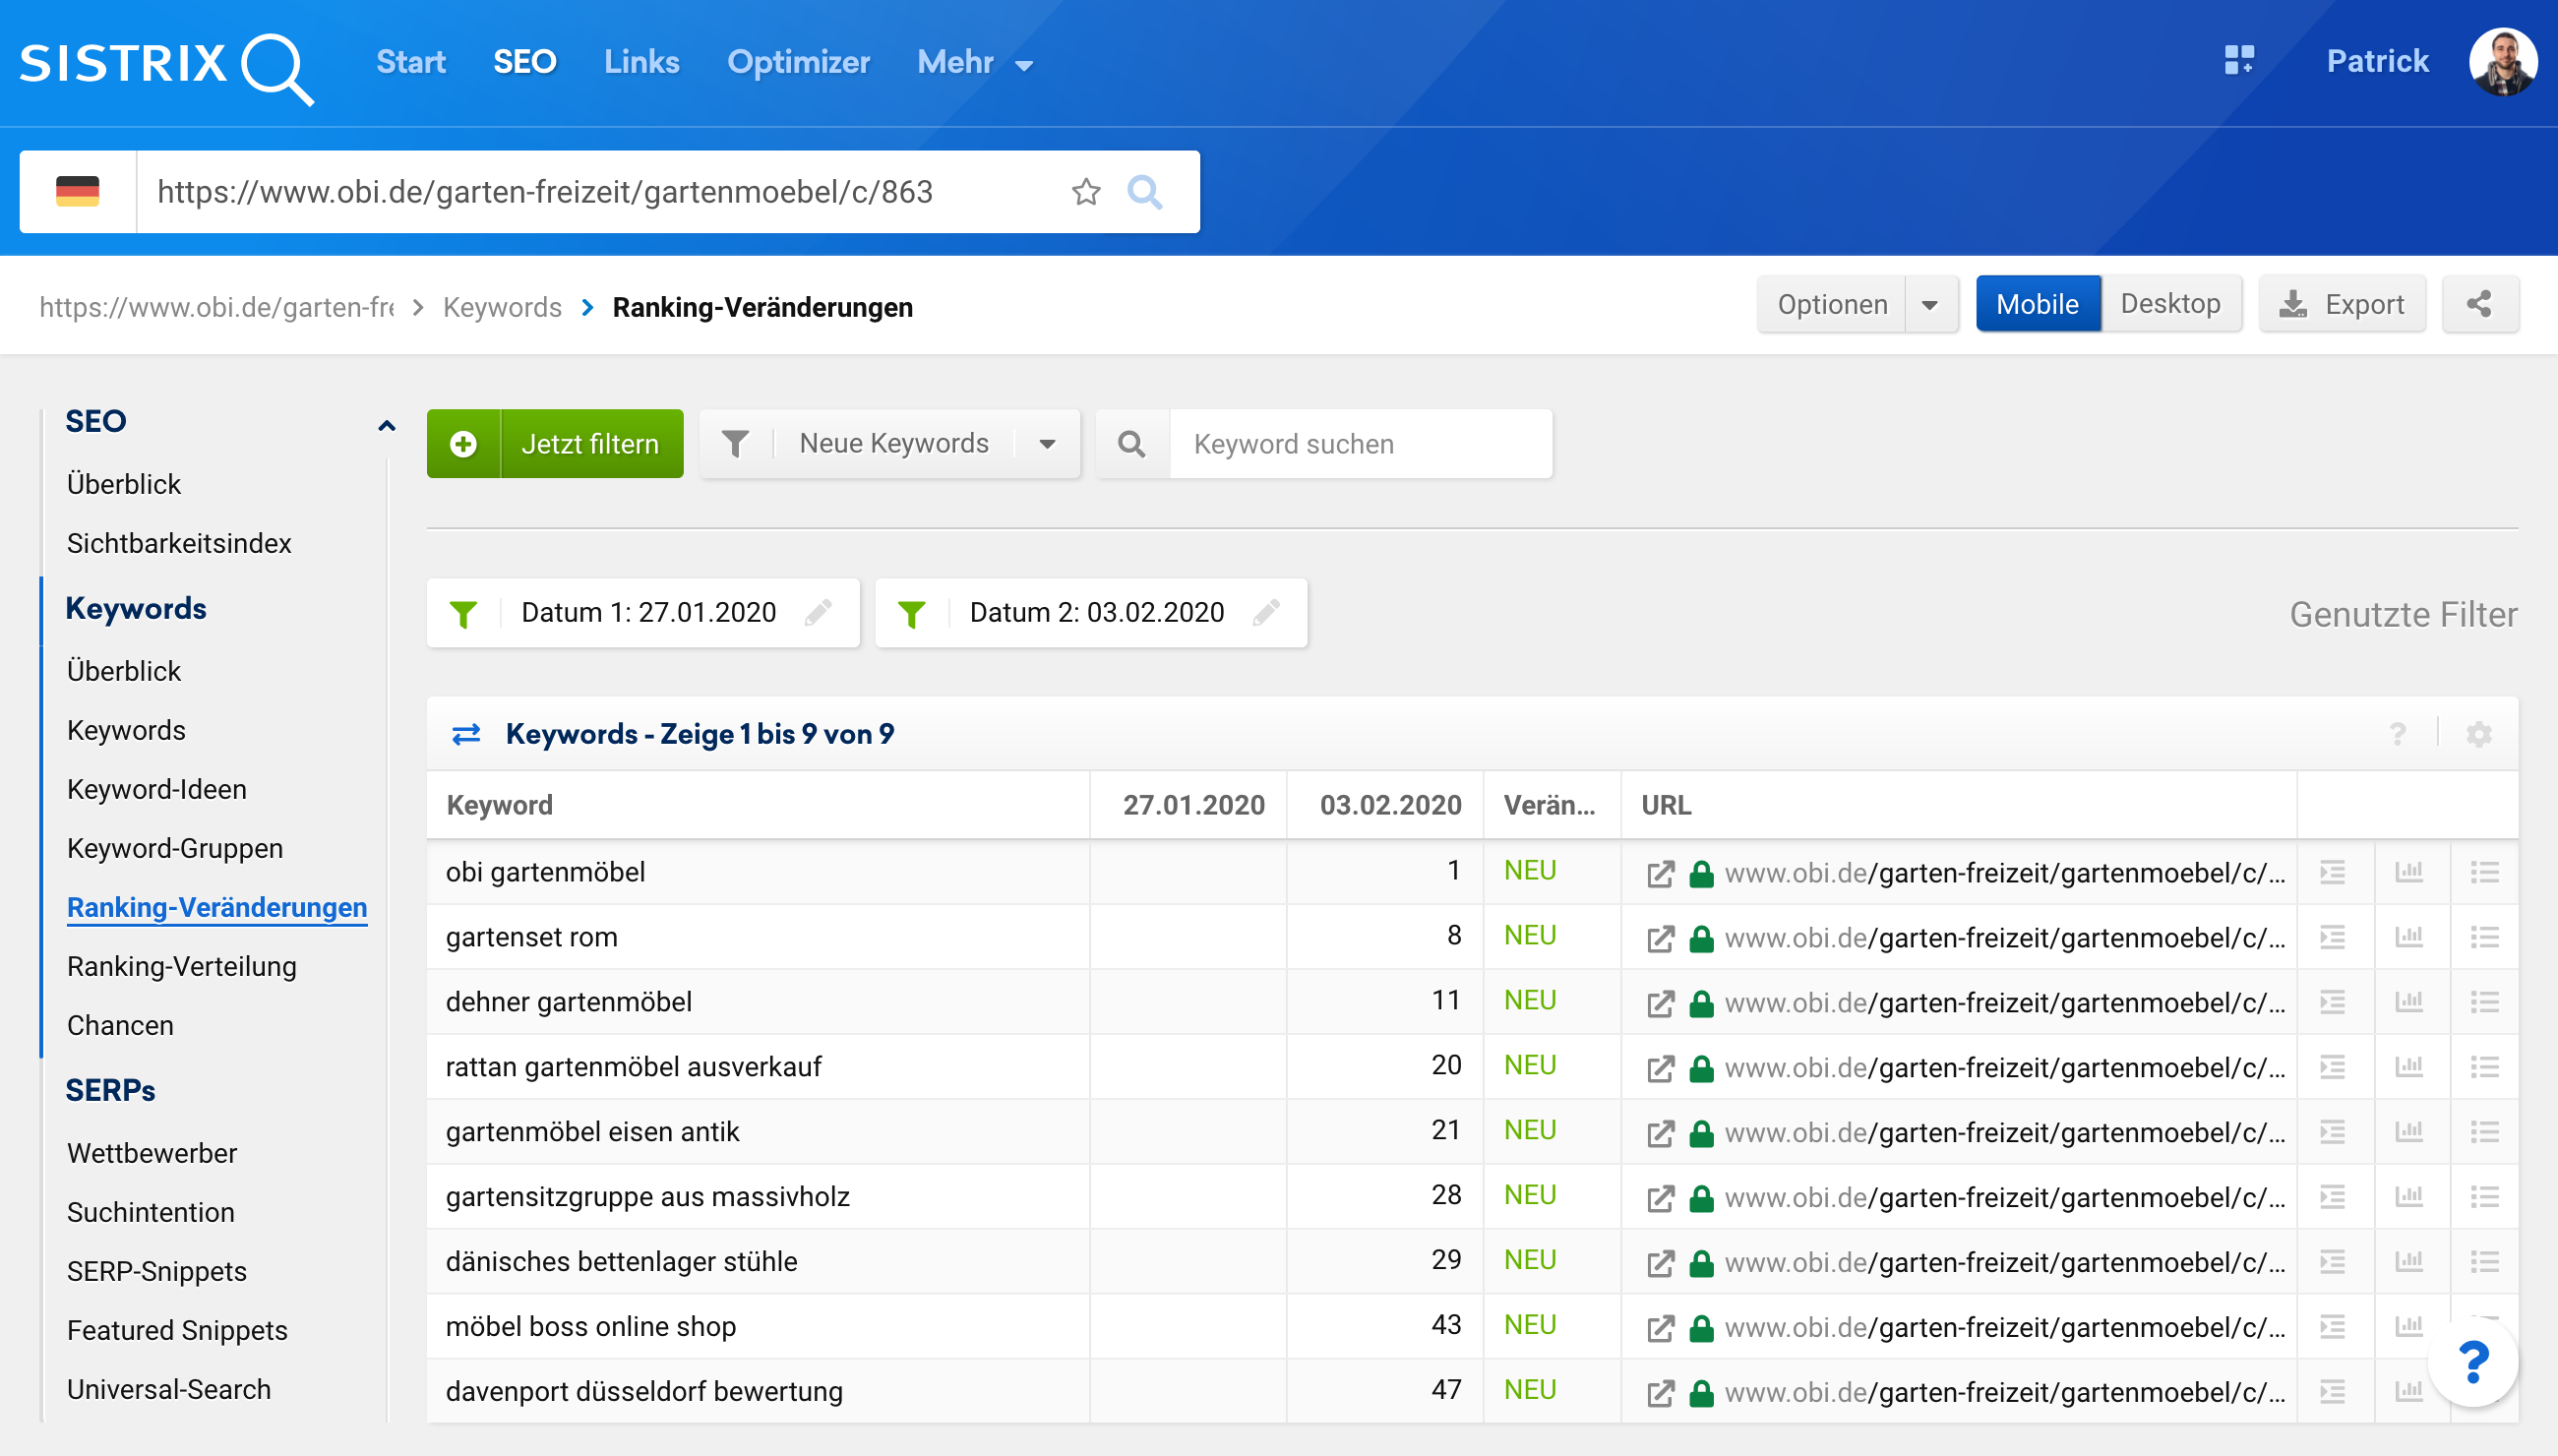 Ansicht der Ranking-Veränderungen-Seite der Toolbox bei Eingabe einer einzelnen URL in die Suchleiste.